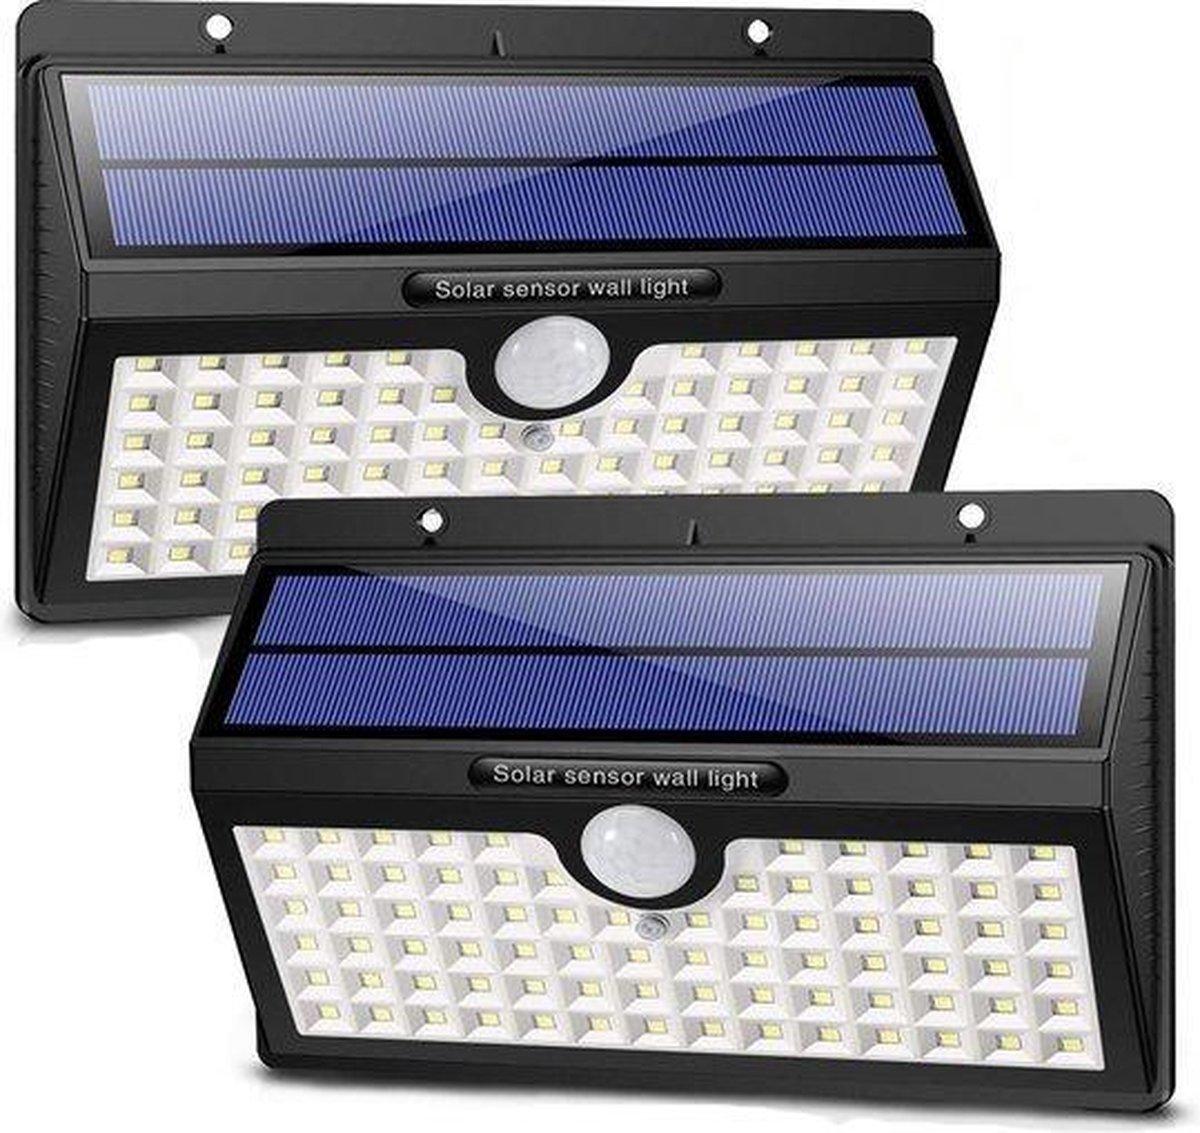 LifeGoods Solar Buitenlamp met Bewegingssensor - 78 LEDs - Wit Licht -Tuinverlichting op Zonneenergi